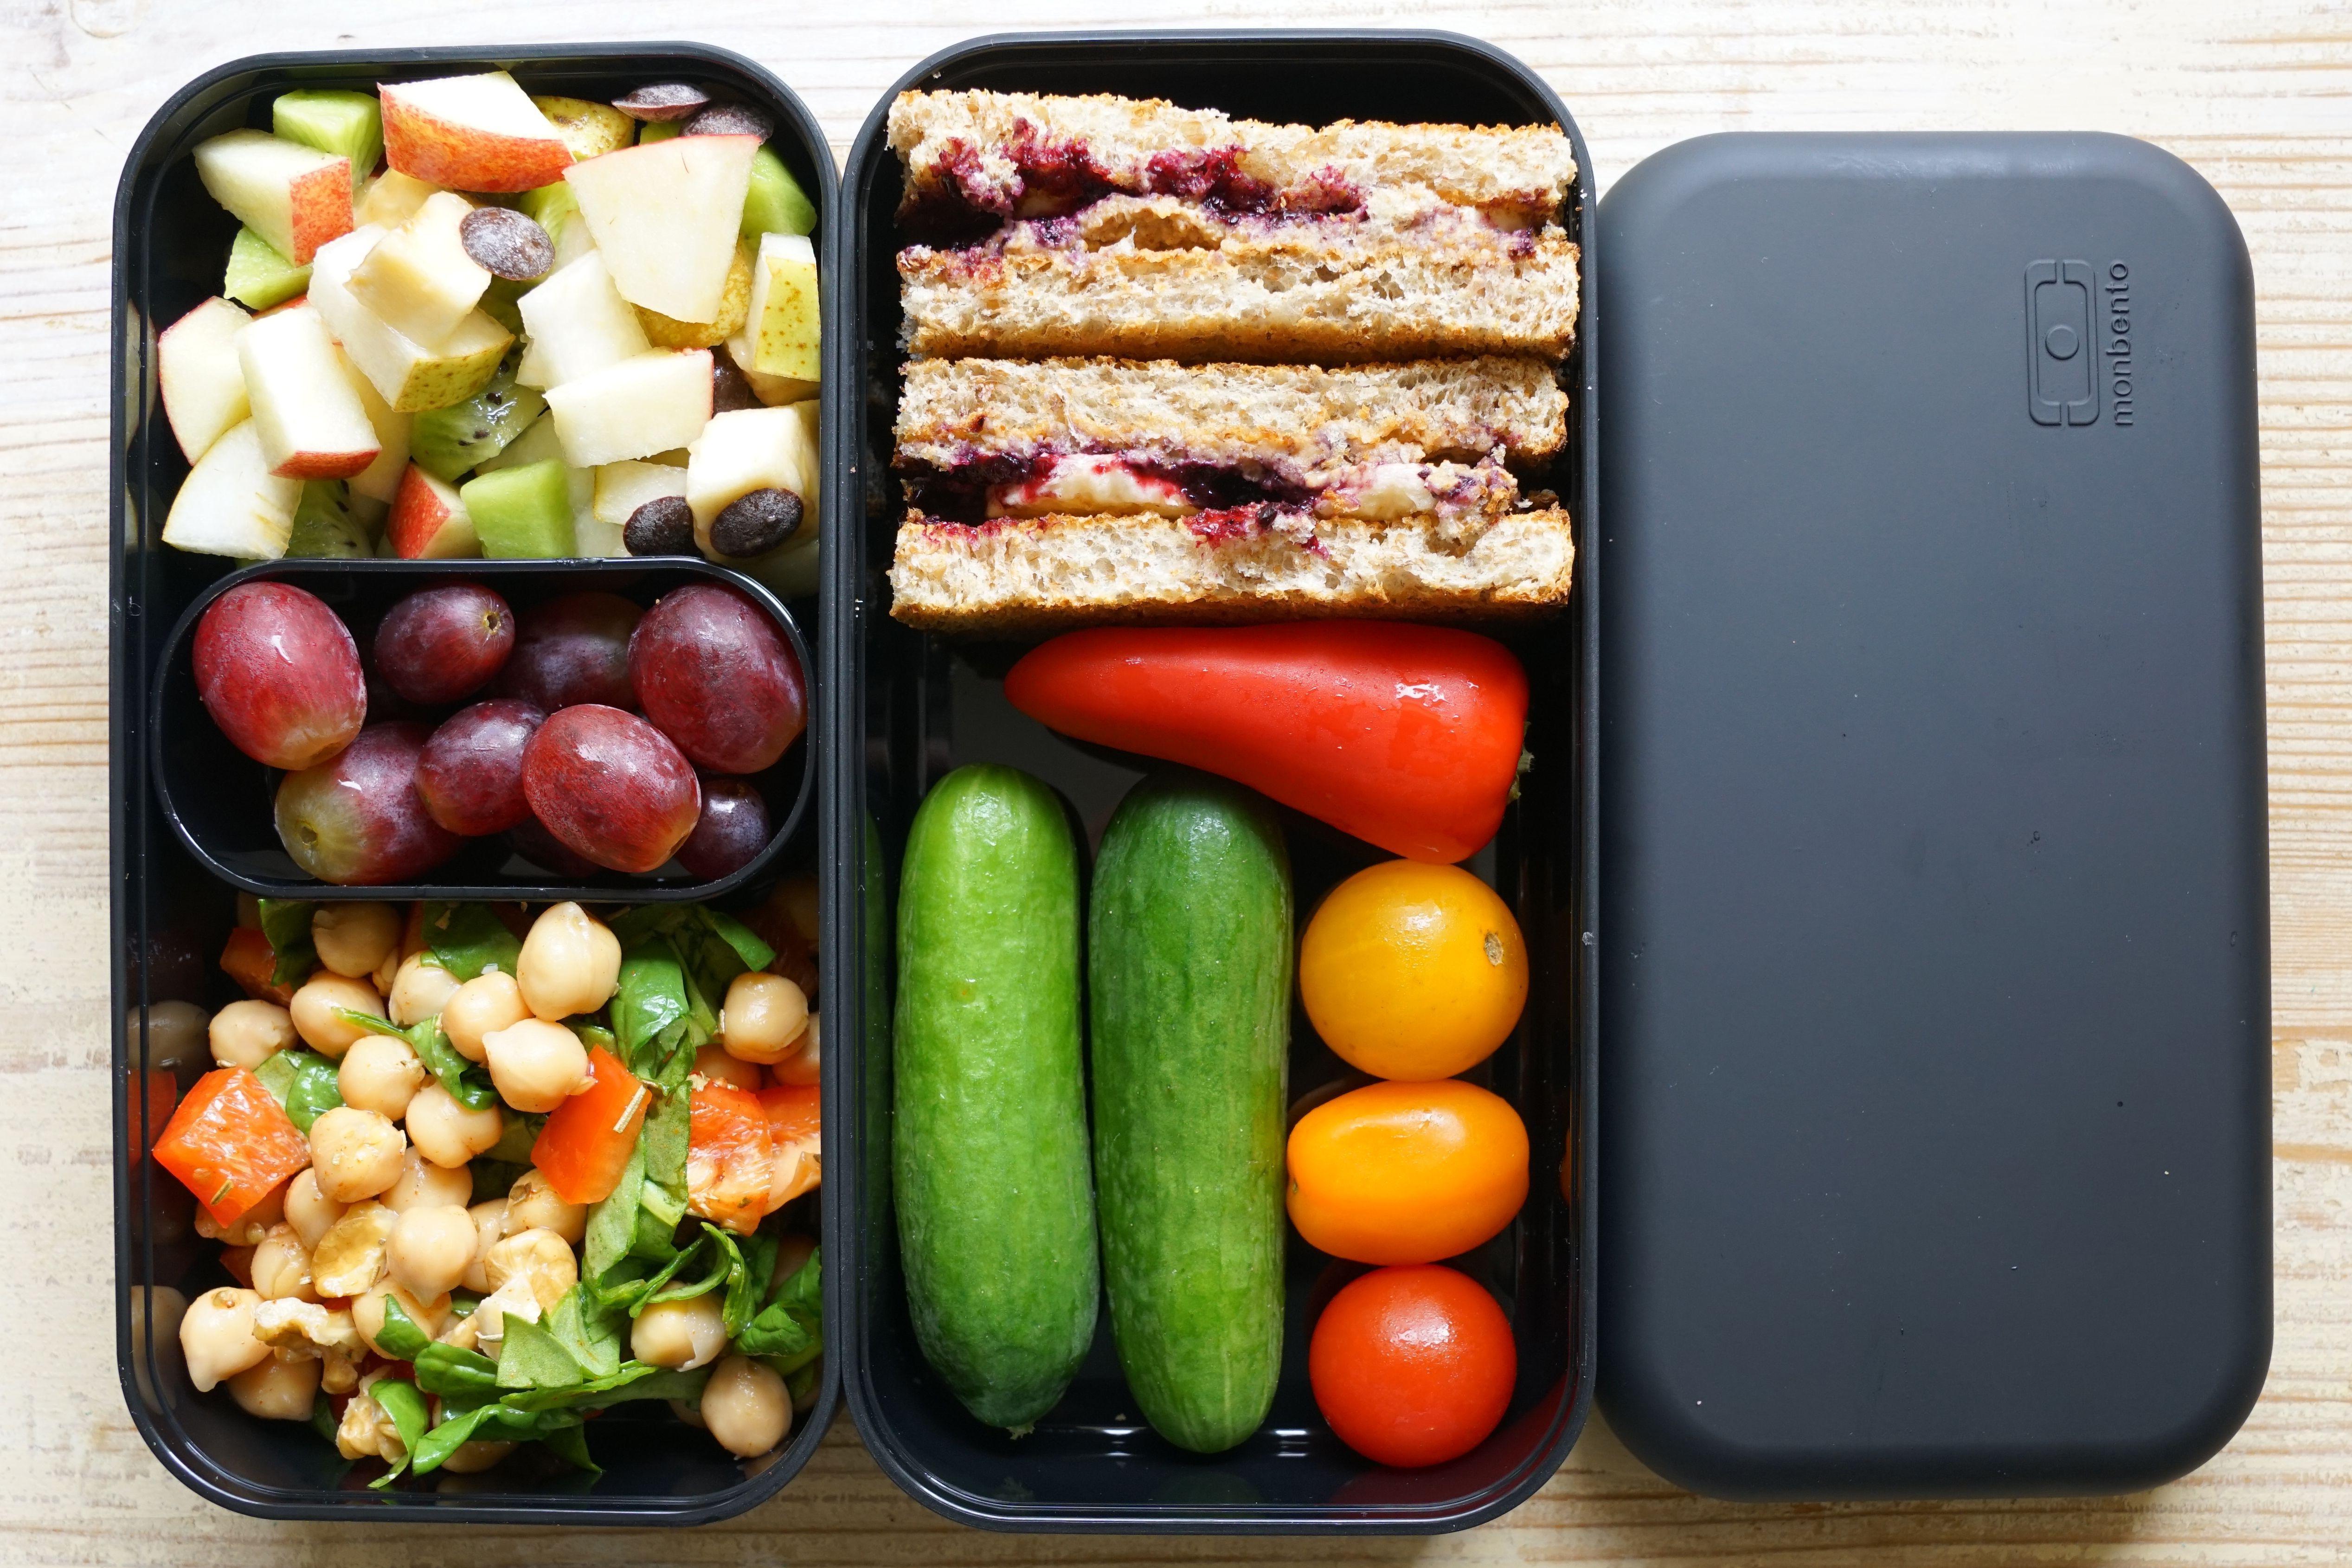 Bento Box - Lunch Box - Mittagessen zum Mitnehmen - gesundes Pausenbrot #bentobo...,  #Bento ... #bentoboxlunch